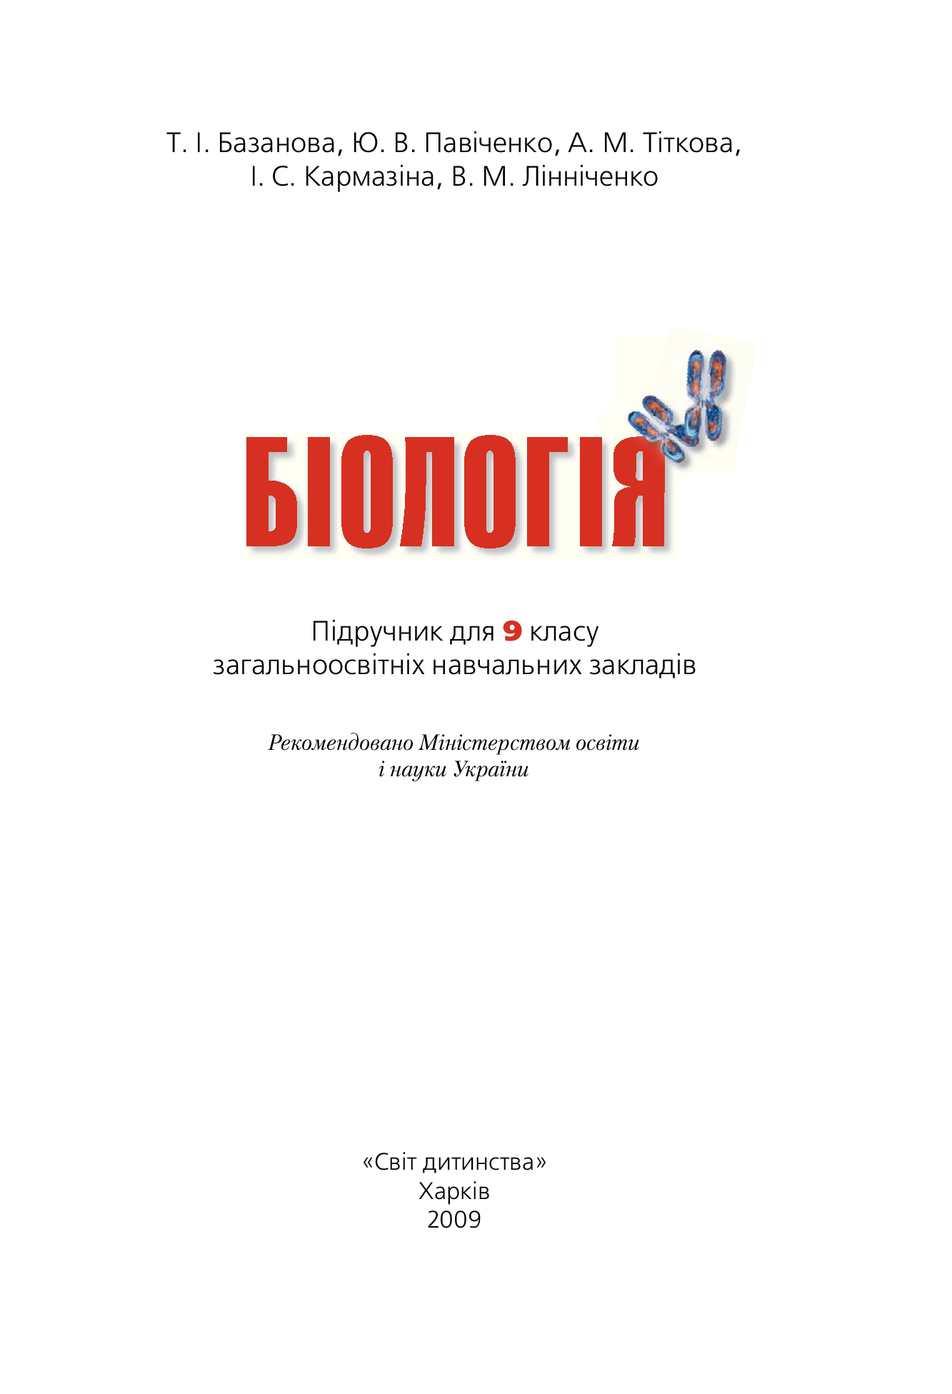 Calaméo - Біологія 9 клас Базанова 4d0d0a2ad0253